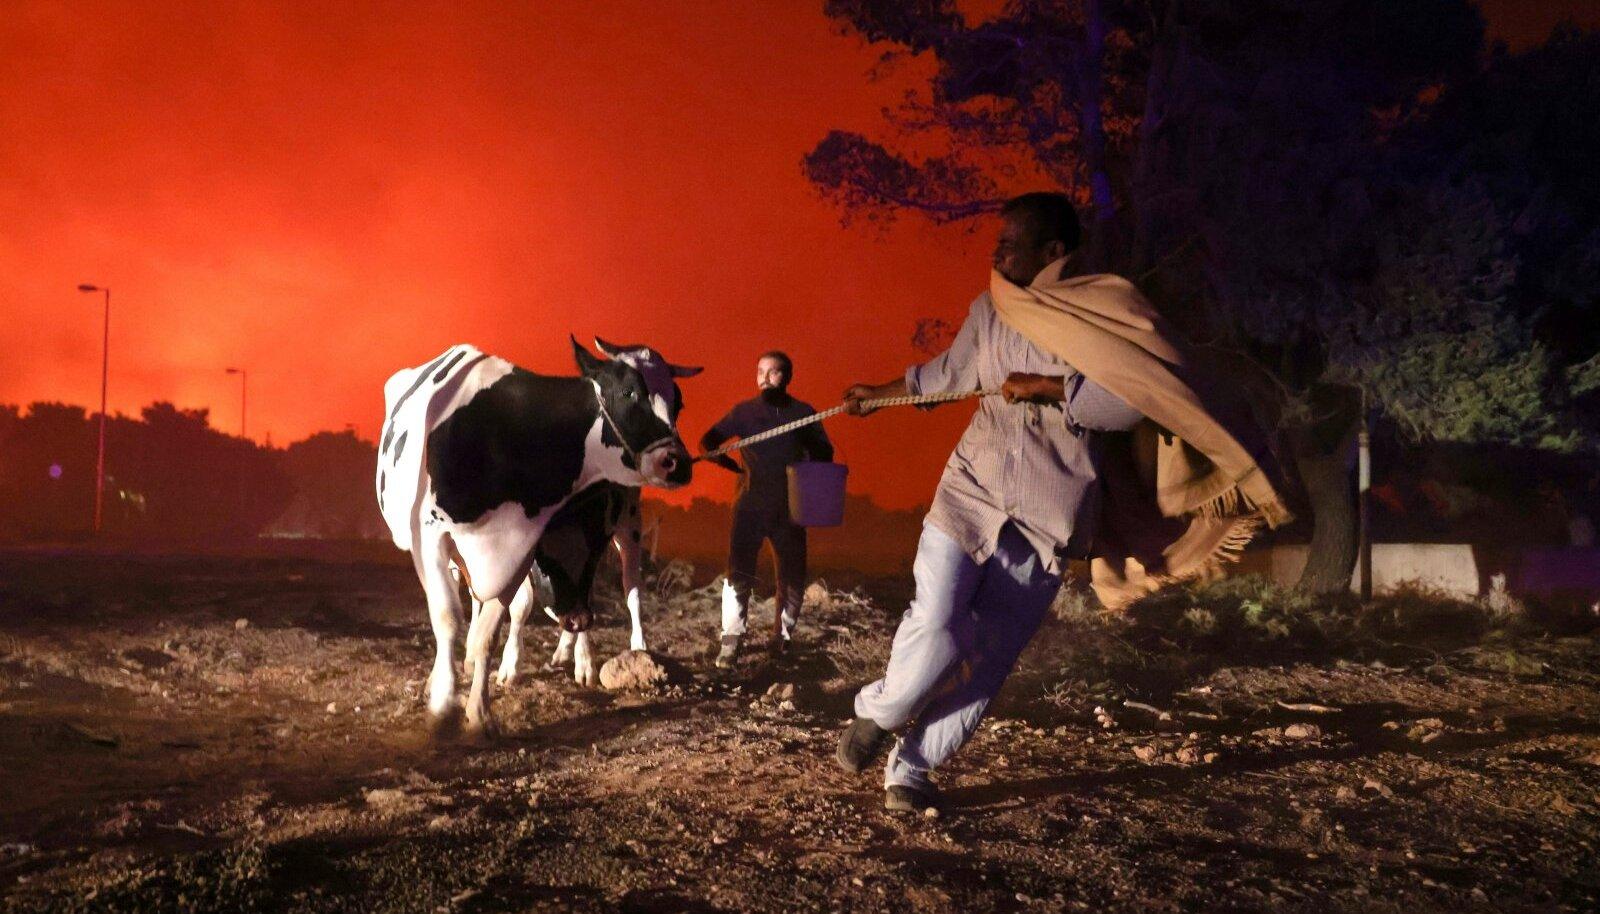 Ateena põhjapoolsest eeslinnast evakueeritakse elanikke ja loomi.